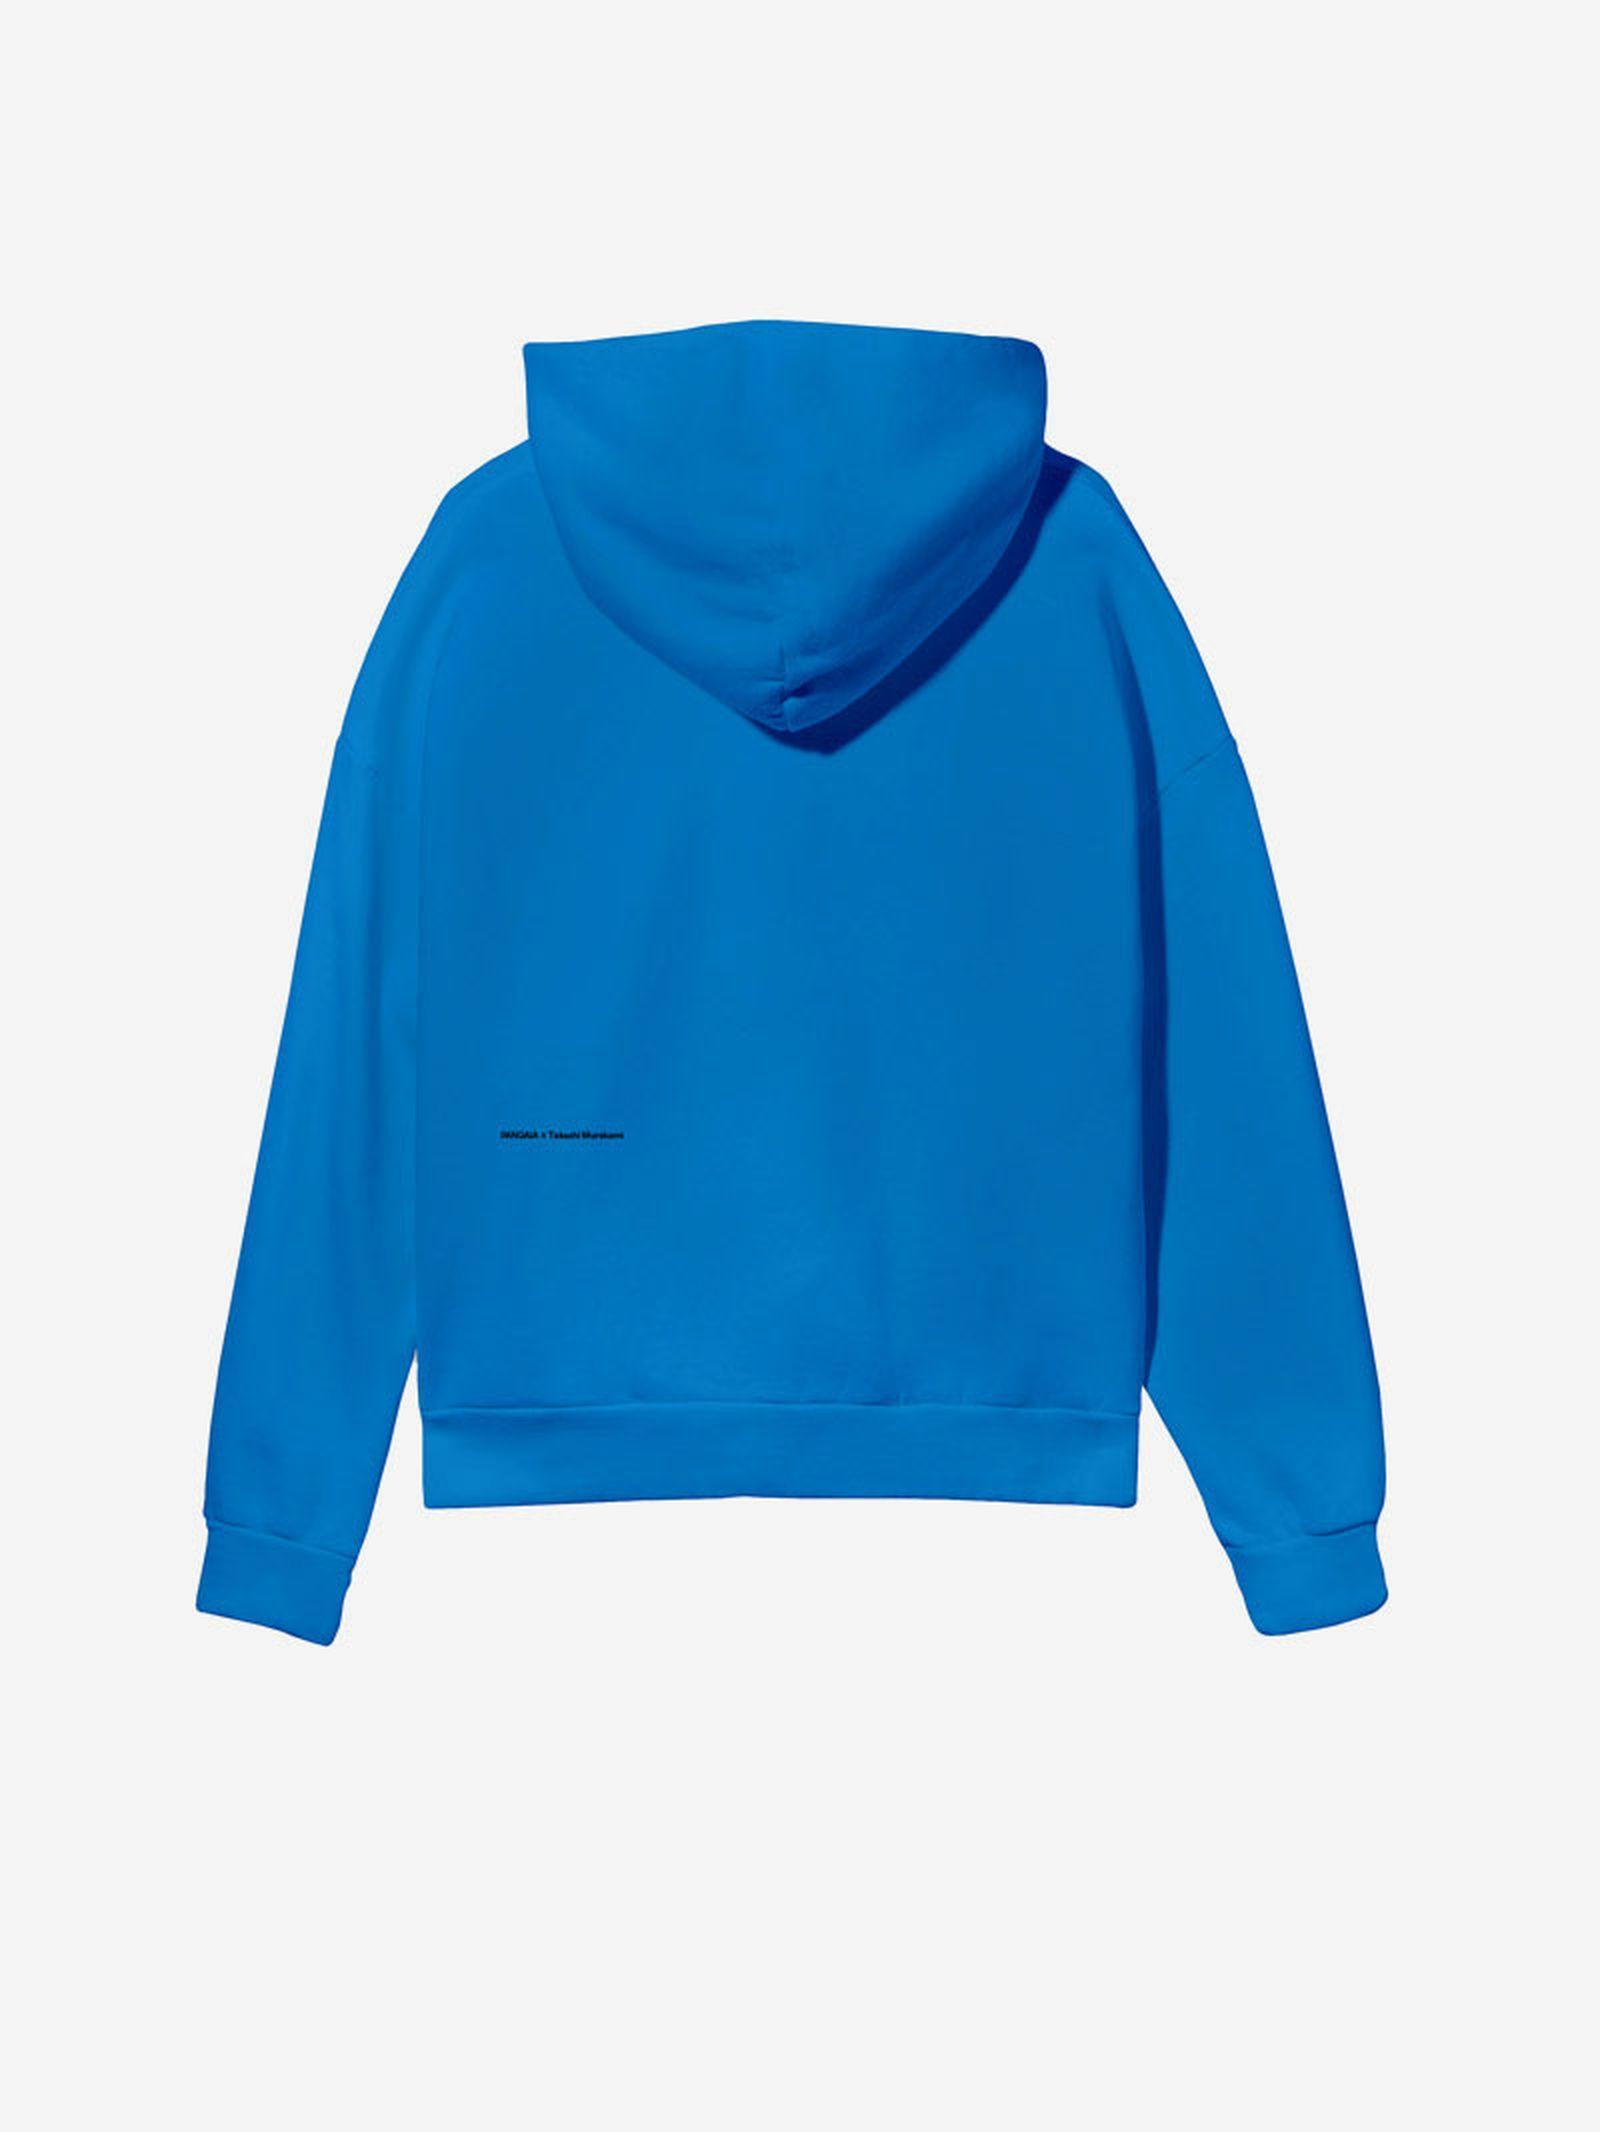 Takashi-Cobalt-Blue-Back-edit